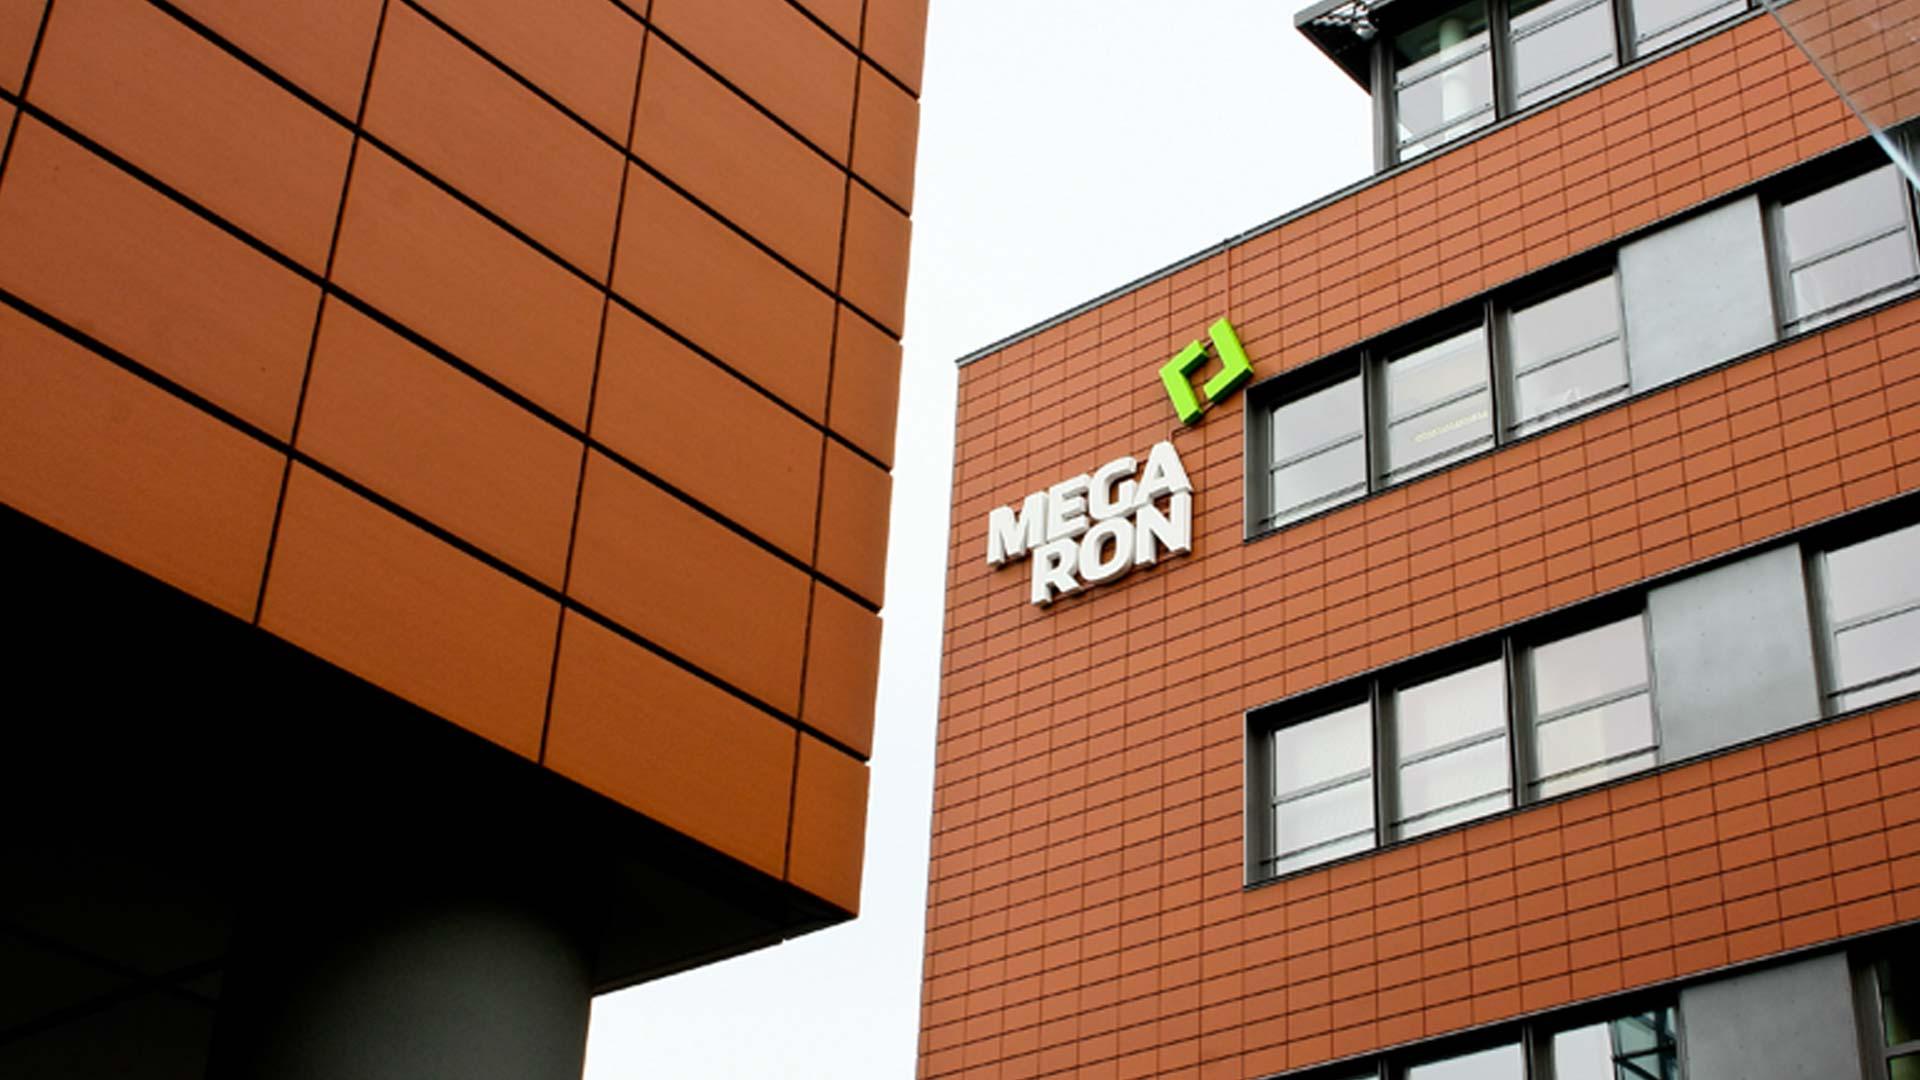 MAASS-Lichtplanung_Branding für das Objekt Megaron__MAASS-MEGARON-006